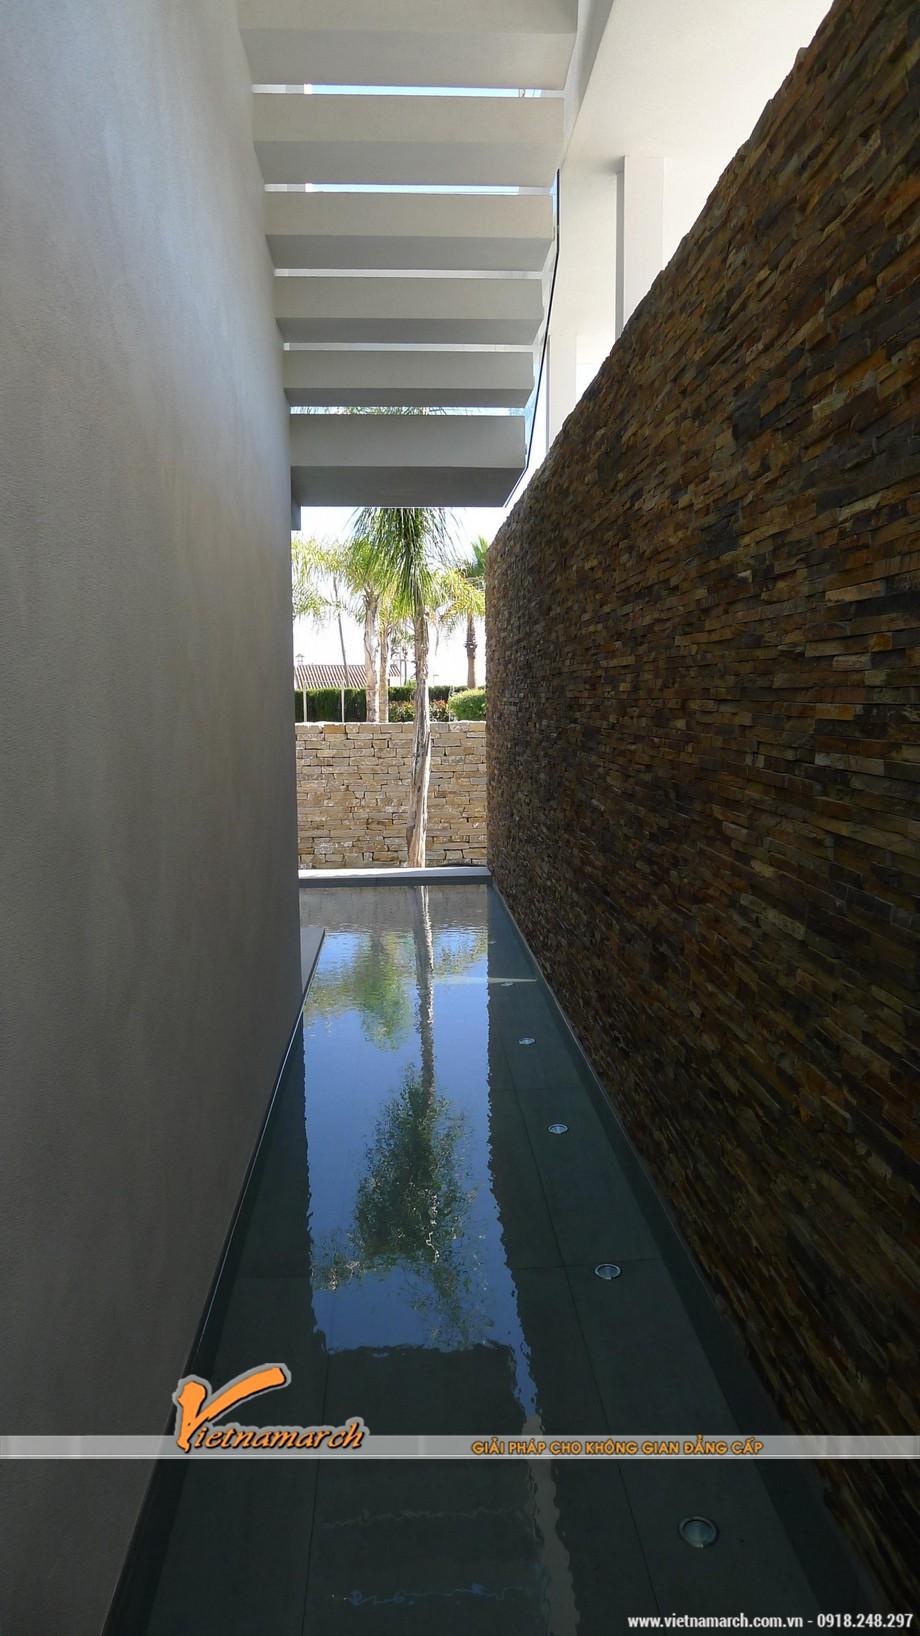 Thiết kế nội thất hướng đến môi trường sinh thái